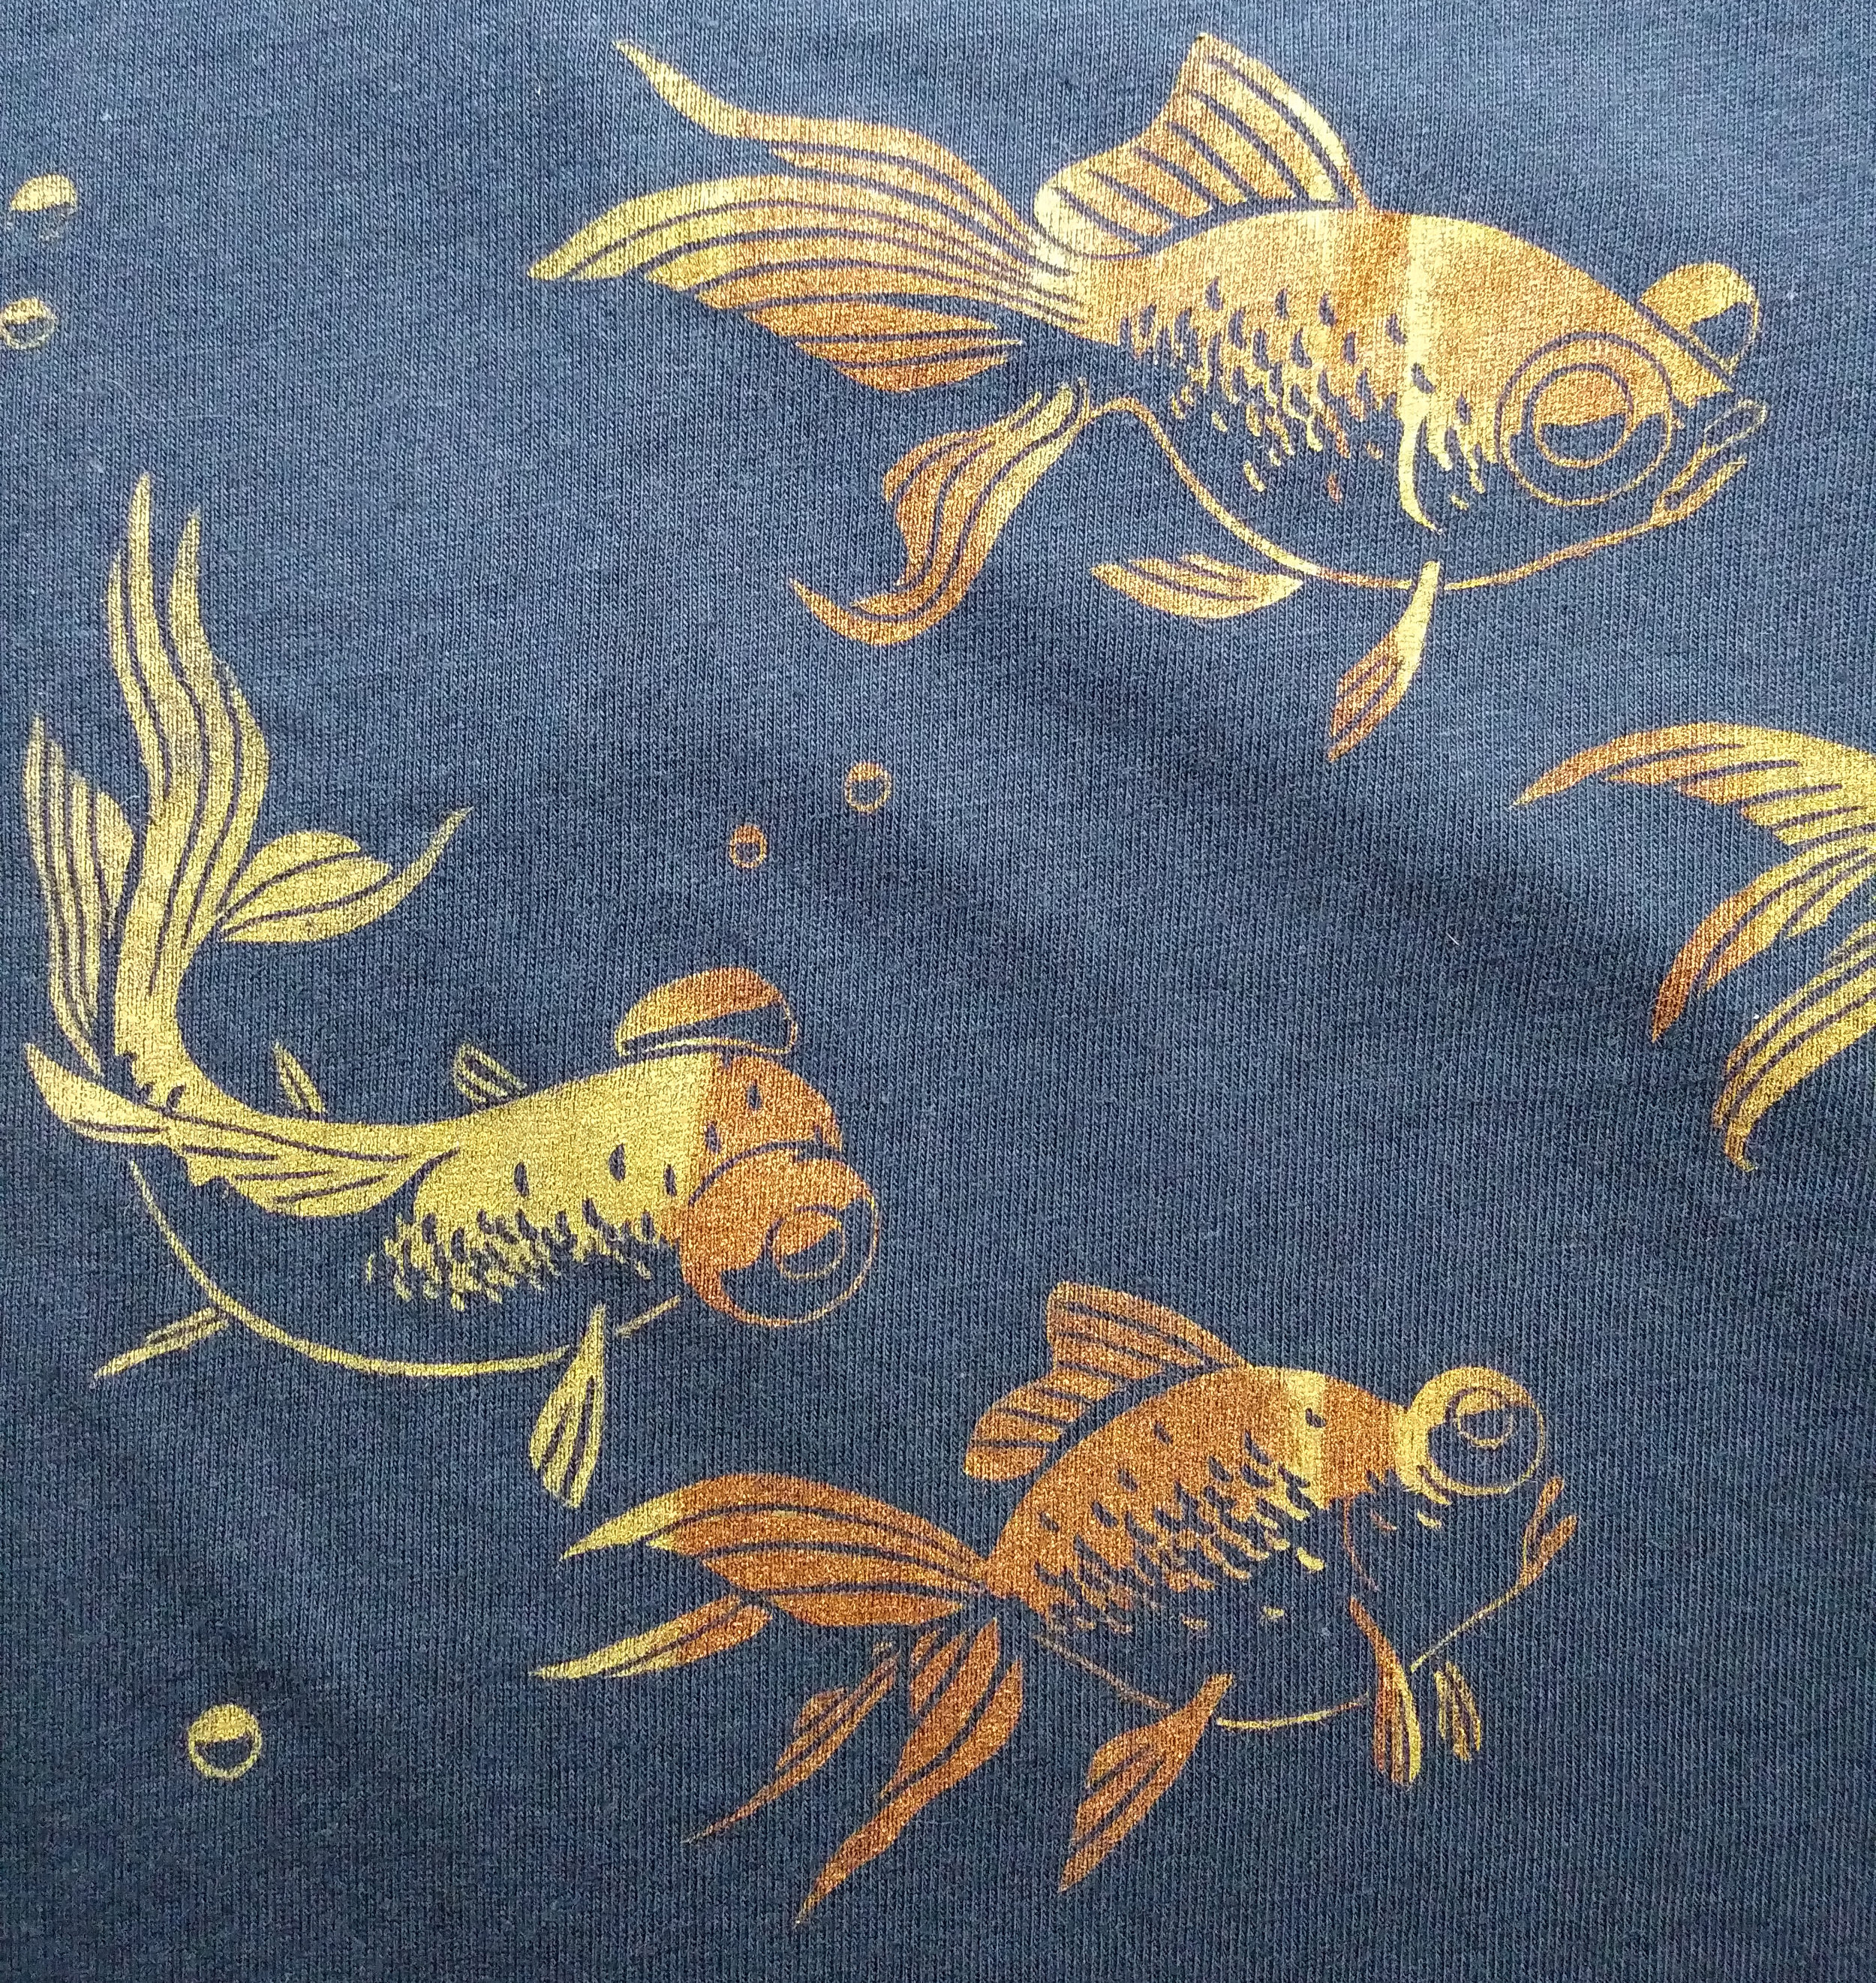 fish detail.jpg